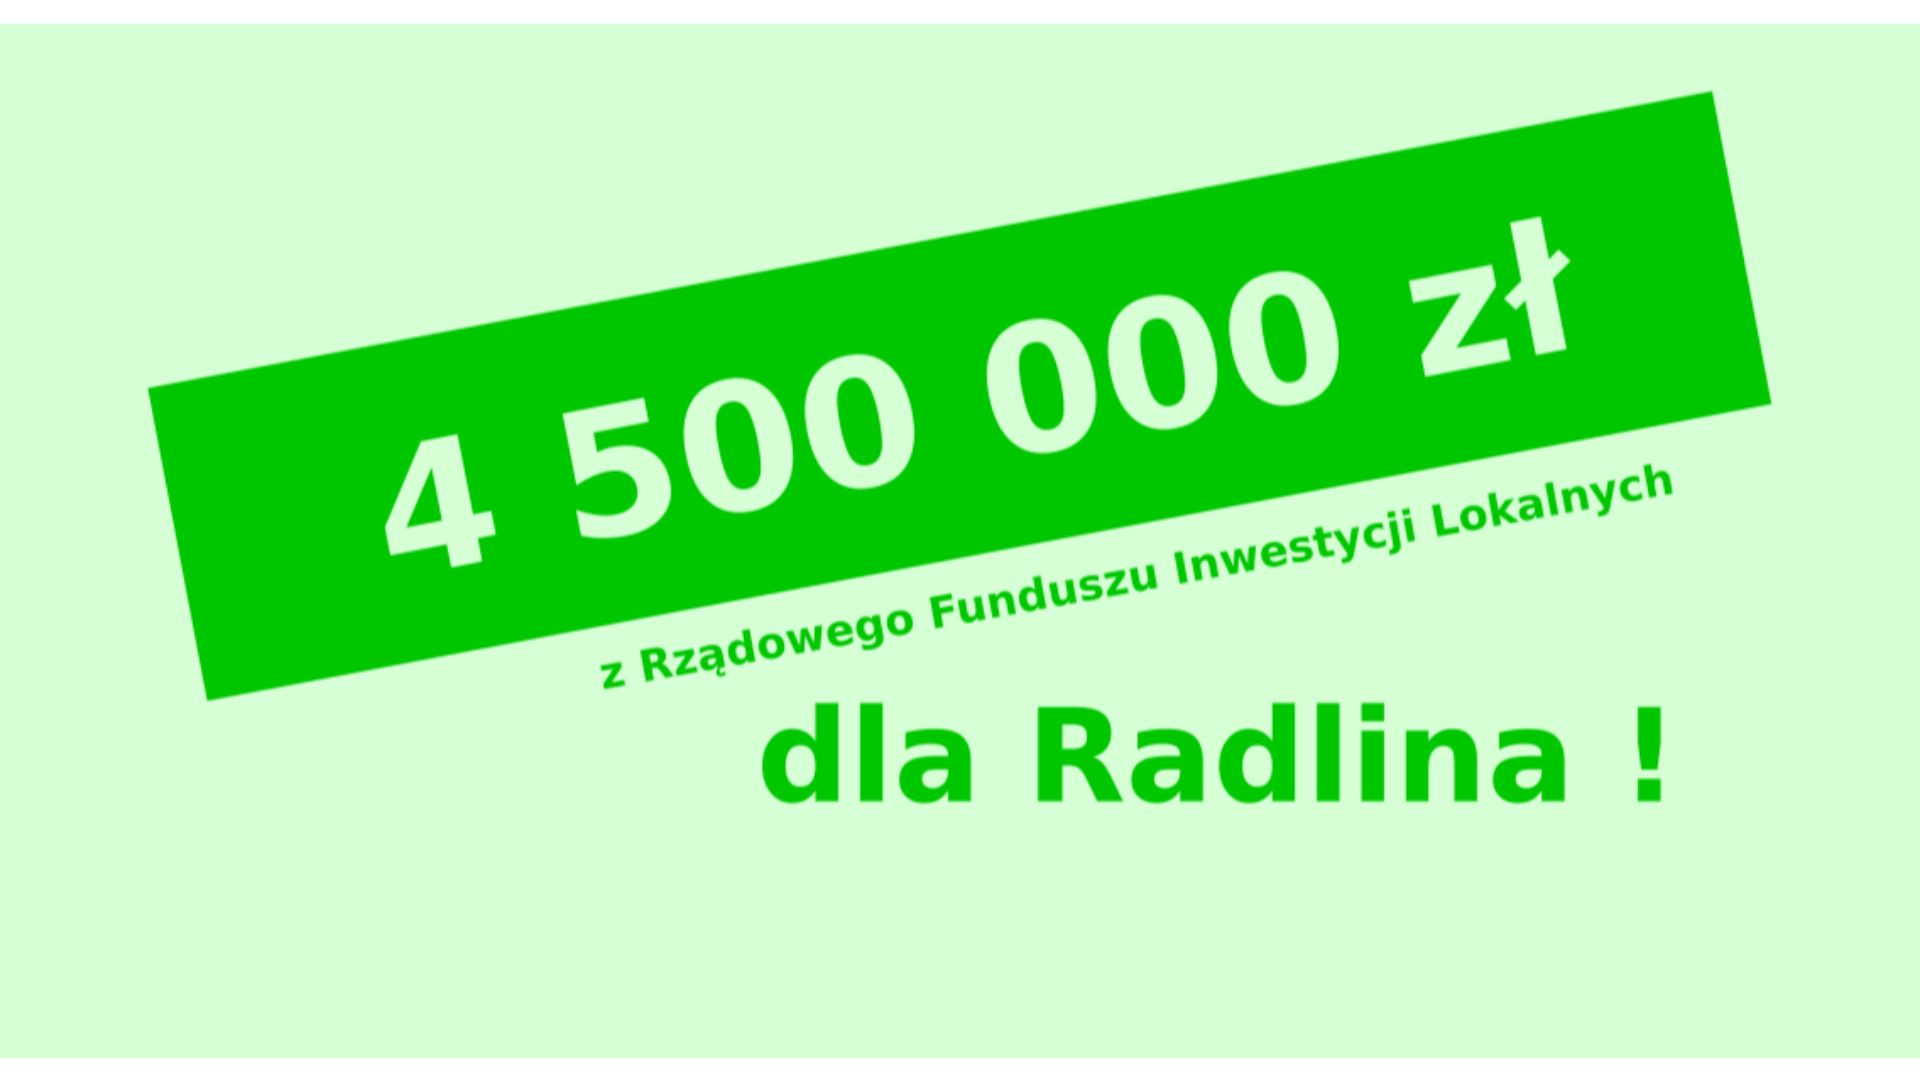 4,5 mln zł trafi do Radlina!